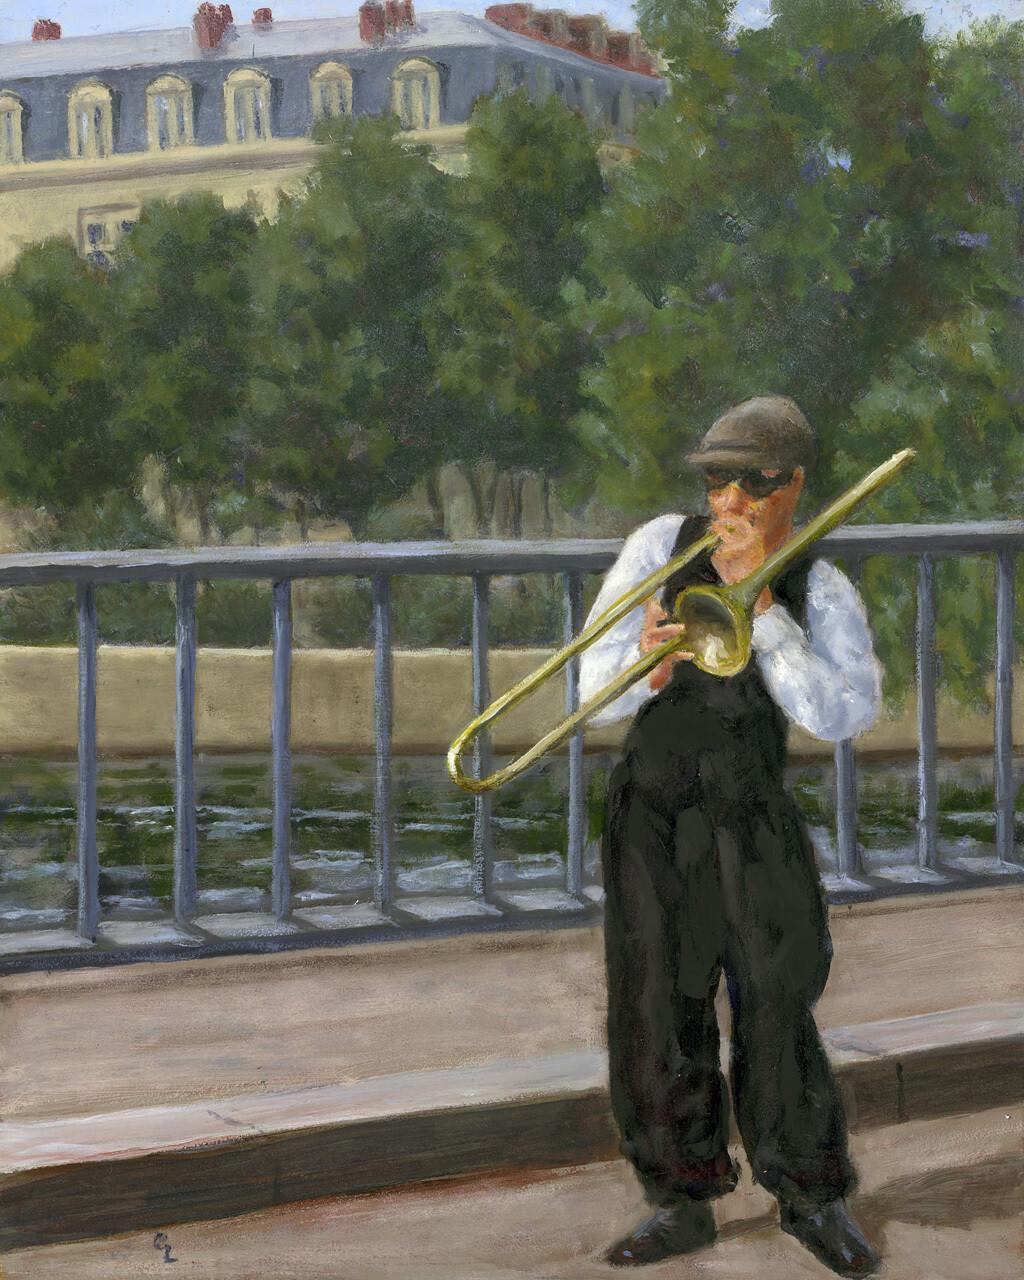 Paris Trombone